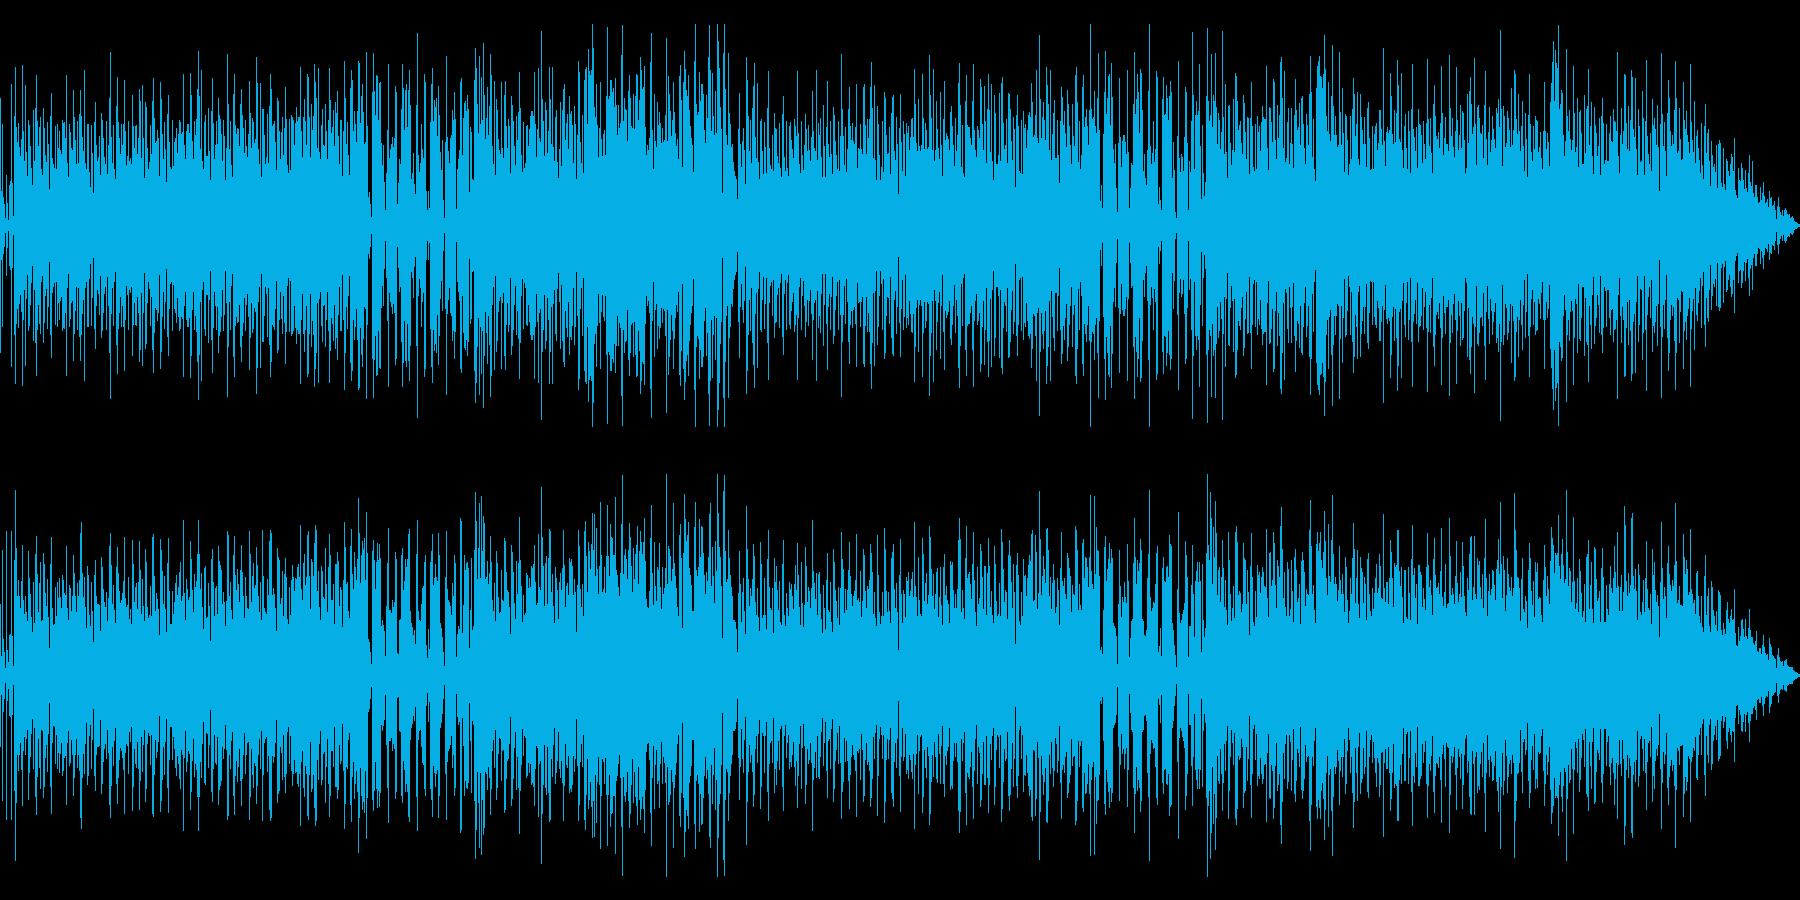 ハッピーな気分になるインスト曲の再生済みの波形